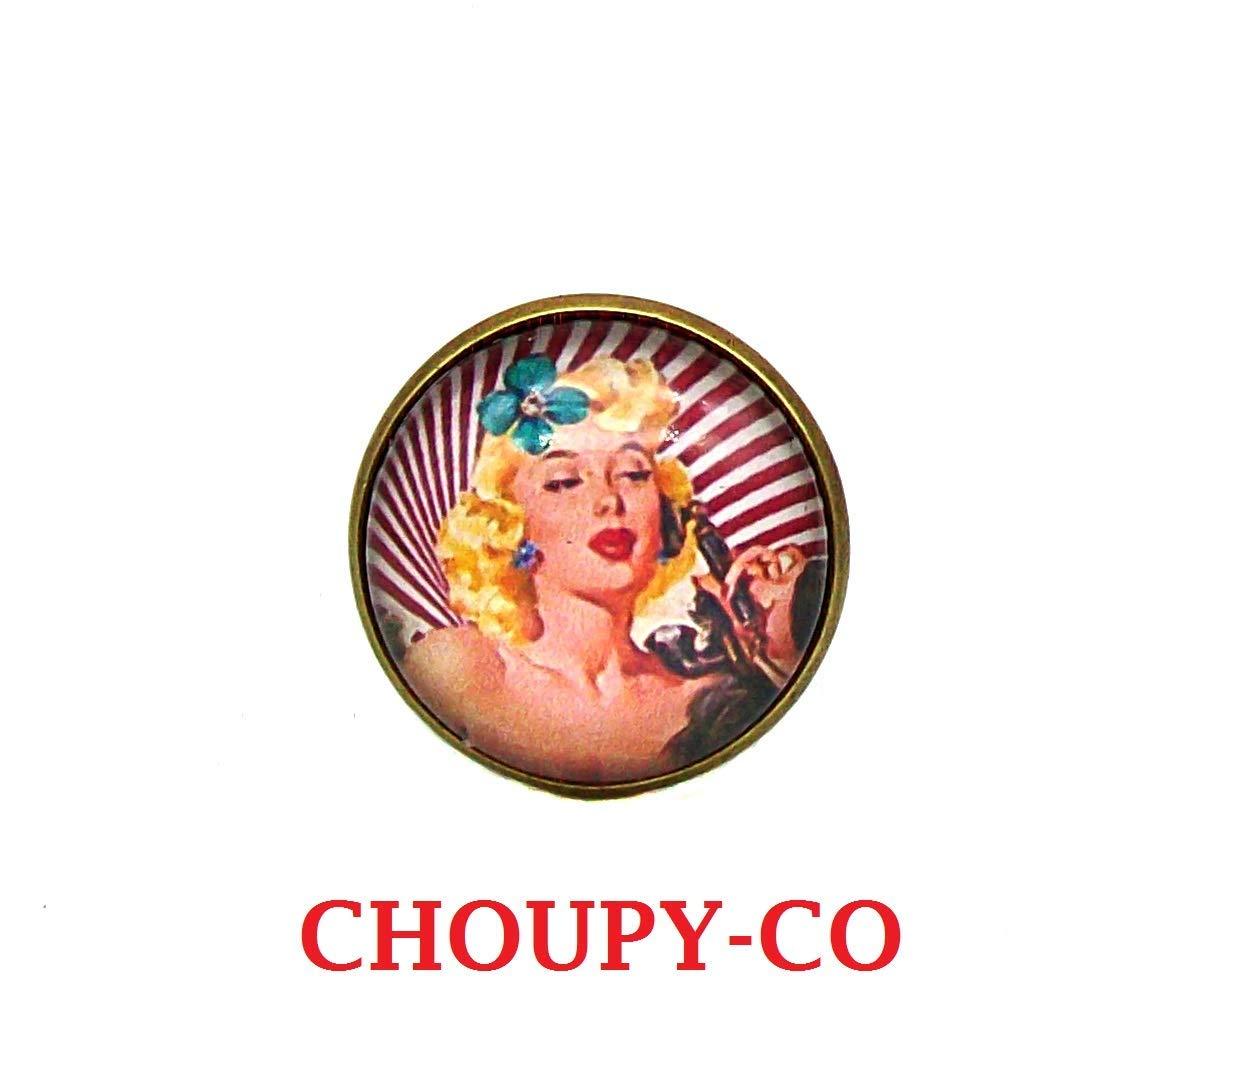 Bague ronde cabochon * Pin-Up girl * rétro vintage playmate années 50 rouge blanc bronze bague réglable en verre idée cadeau anniversaire, fêtes cadeau copines noël